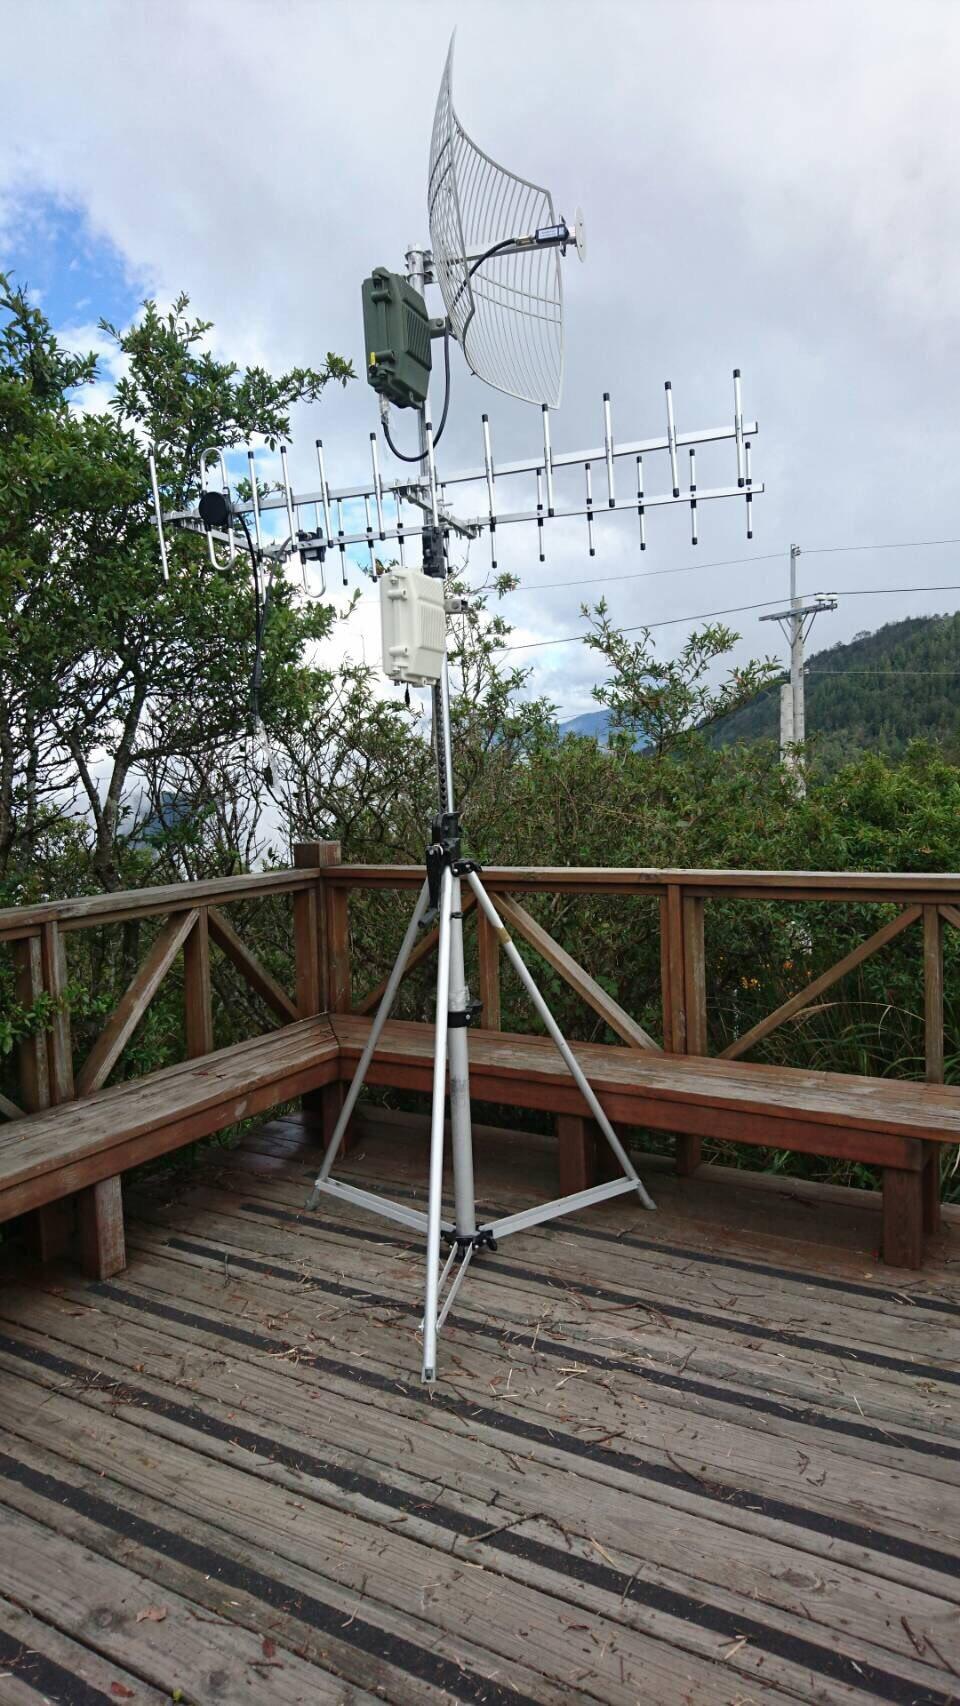 林、許指示助理拿訊號處理模組到嵩山雷達站偵蒐軍事訊號。記者林孟潔/翻攝